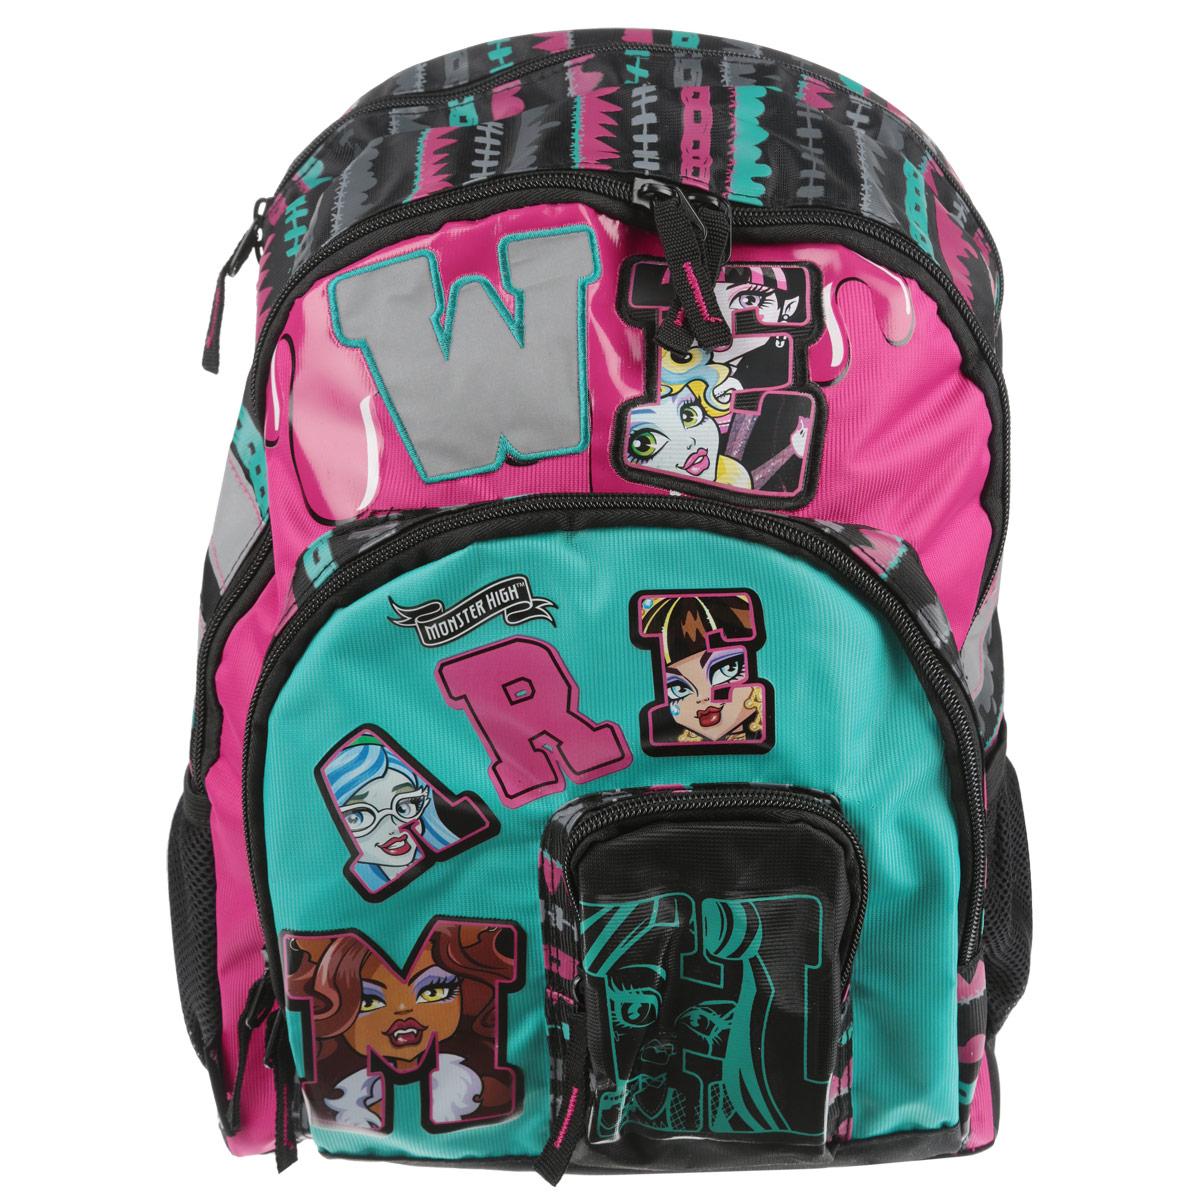 Рюкзак школьный Monster High, цвет: черный, розовый, бирюзовый. MHCB-MT1-767MHCB-MT1-767Яркий стильный школьный рюкзак Monster High понравится каждой девочке-поклоннице мультсериала Школа монстров. Выполнен из прочных и высококачественных материалов, дополнен изображением учениц Monster High. Содержит два вместительных отделения, закрывающиеся на застежки-молнии. В большом отделении находятся две перегородки для тетрадей или учебников. Дно рюкзака можно сделать жестким, разложив специальную панель с пластиковой вставкой, что повышает сохранность содержимого рюкзака и способствует правильному распределению нагрузки. Лицевая сторона оснащена двумя накладными карманами на молнии, один из которых для мобильного телефона. По бокам расположены два открытых накладных кармана, стянутых сверху резинкой. Специально разработанная архитектура спинки со стабилизирующими набивными элементами повторяет естественный изгиб позвоночника. Набивные элементы обеспечивают вентиляцию спины ребенка. Мягкие широкие лямки позволяют легко и быстро отрегулировать рюкзак в...